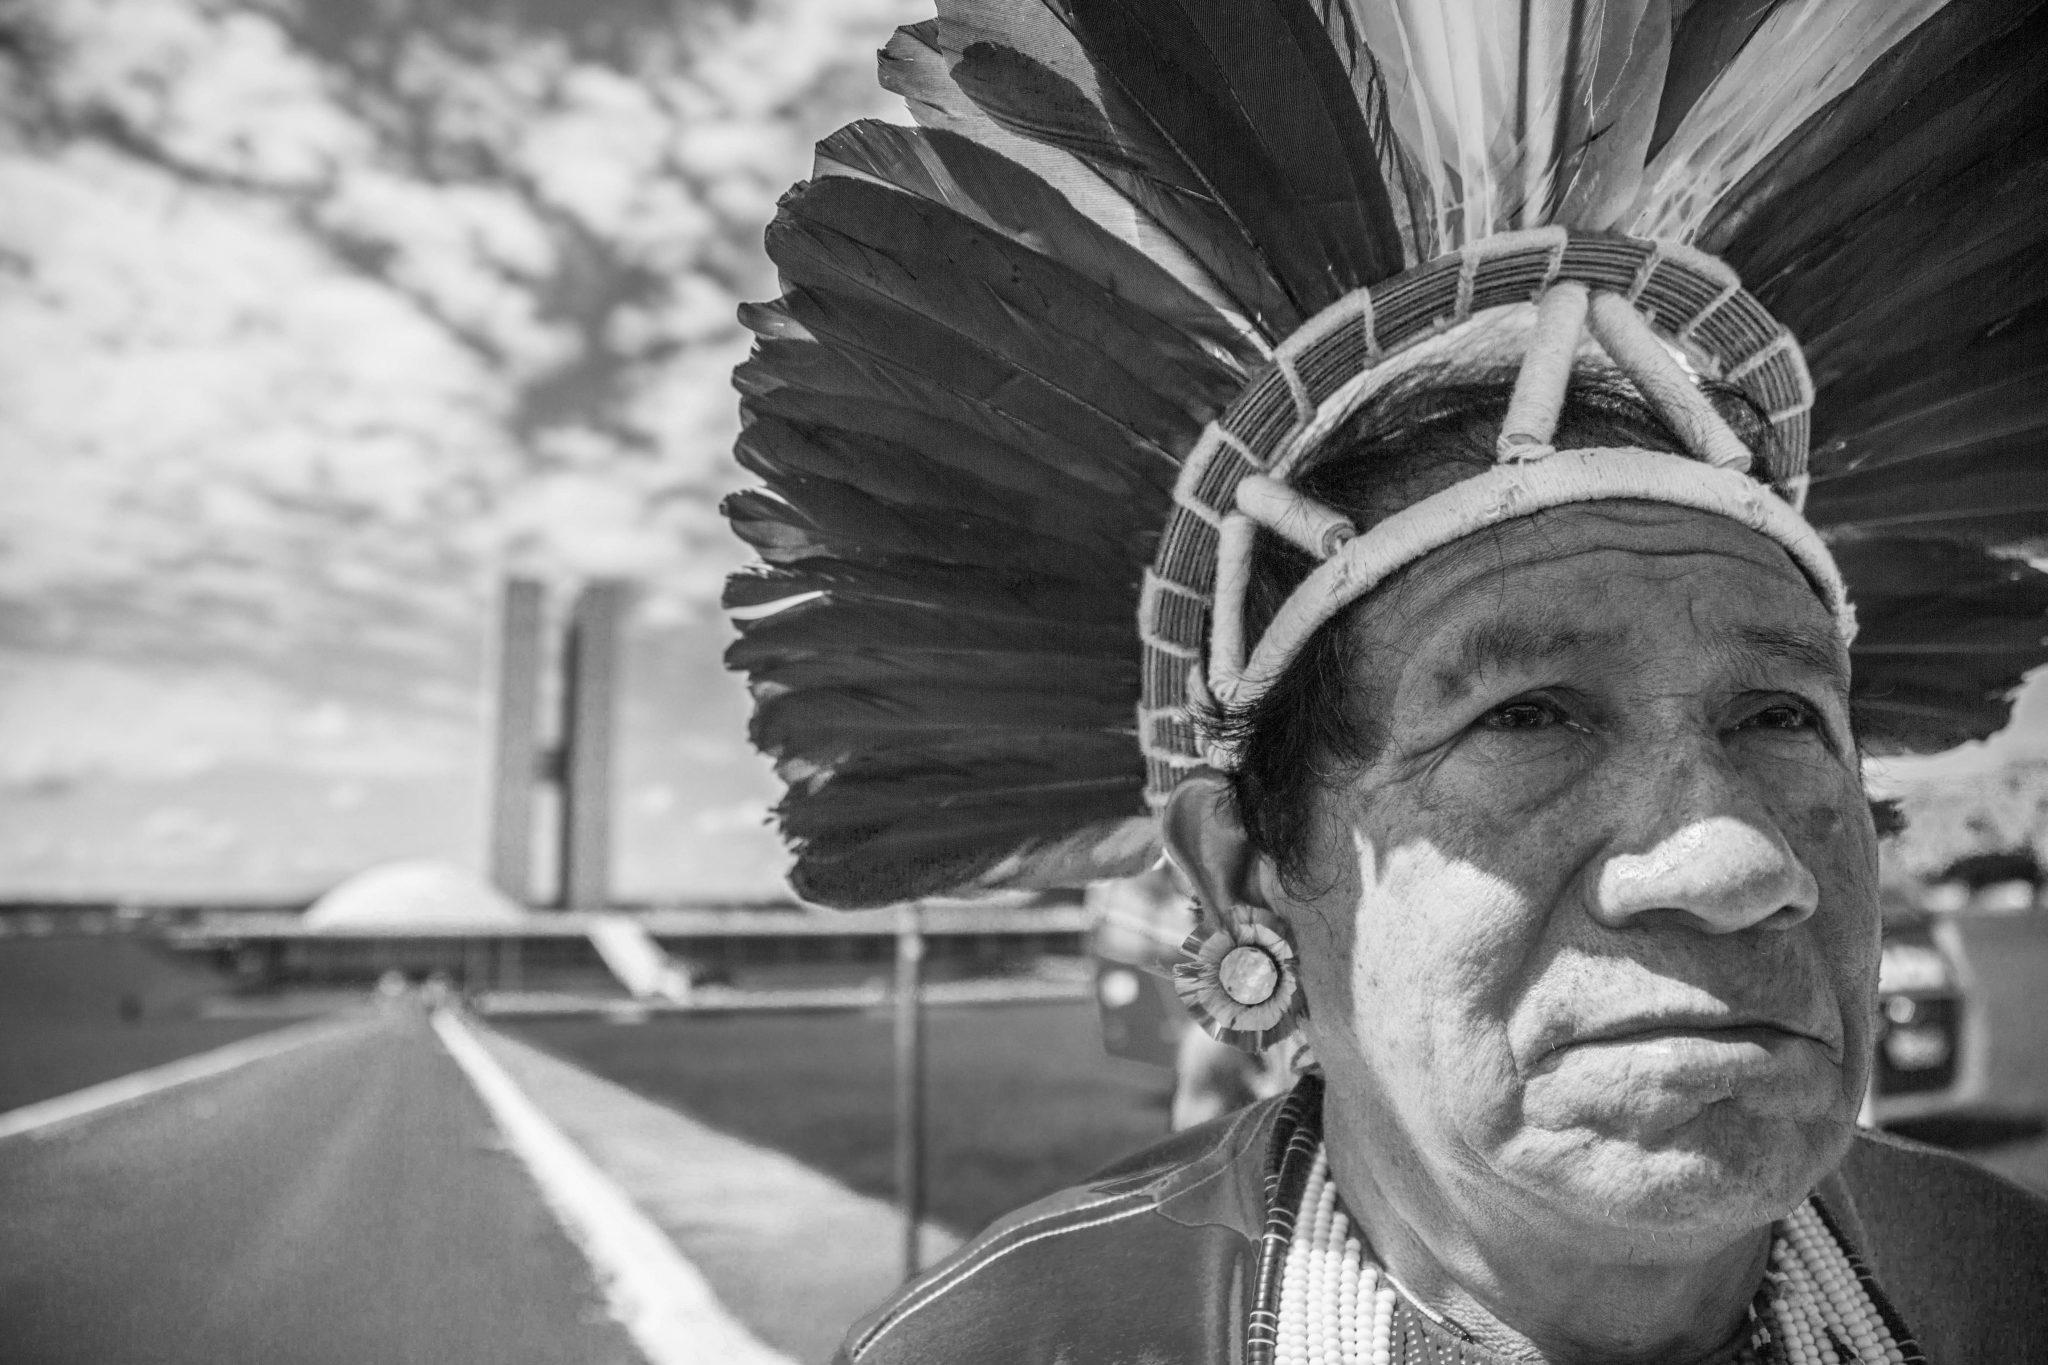 Cimi: Medidas do governo Bolsonaro aniquilam direitos dos povos indígenas e afrontam a Constituição